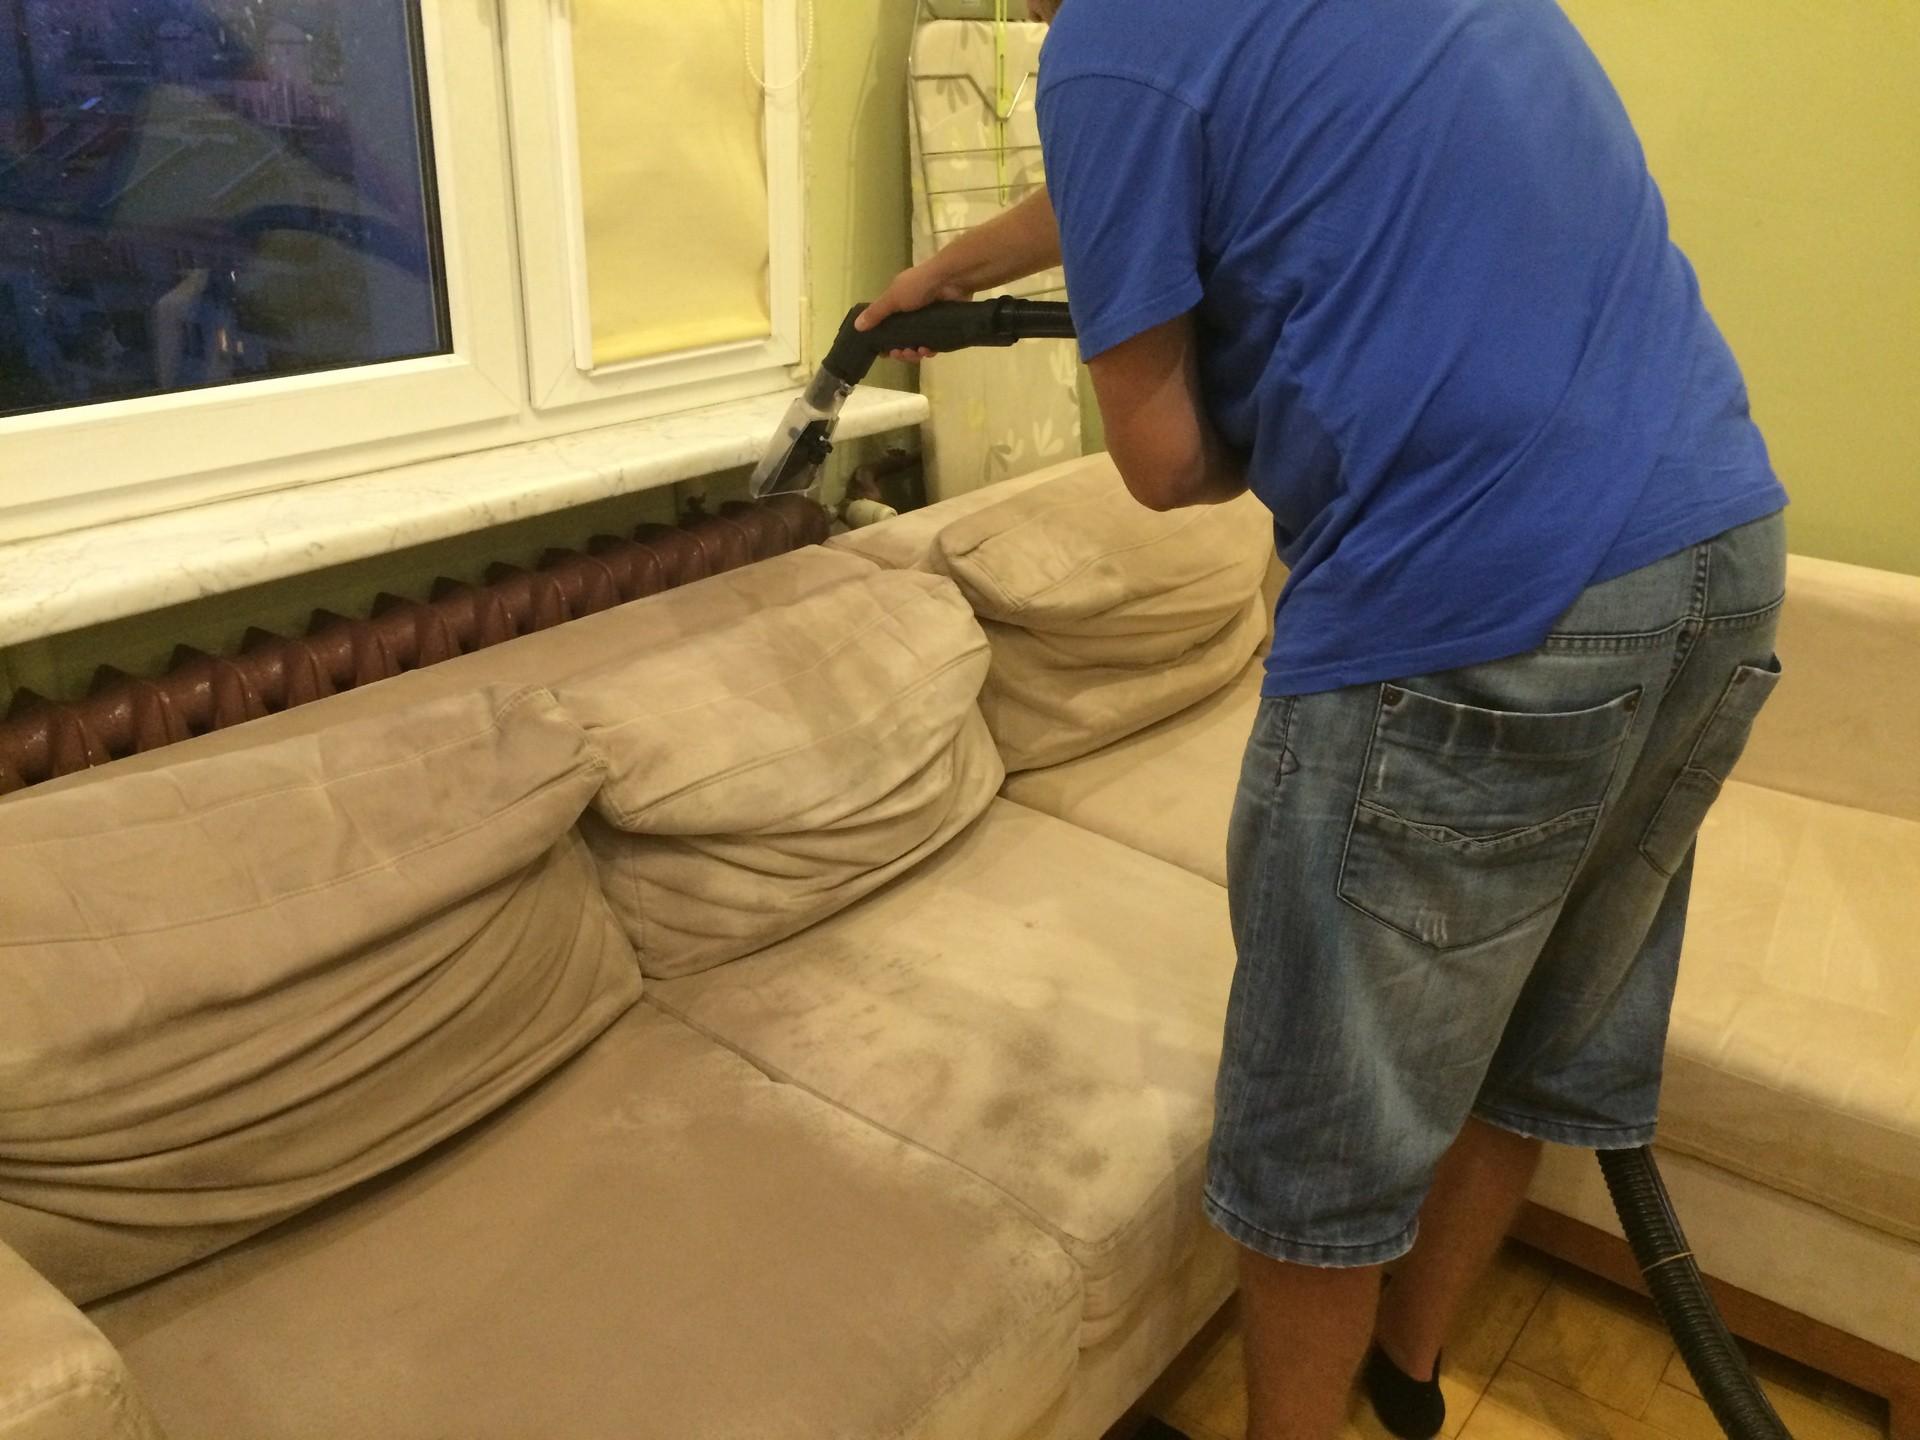 jak pra dywany i meble tapicerowane za pomoc odkurzacza pior cego krok po kroku. Black Bedroom Furniture Sets. Home Design Ideas